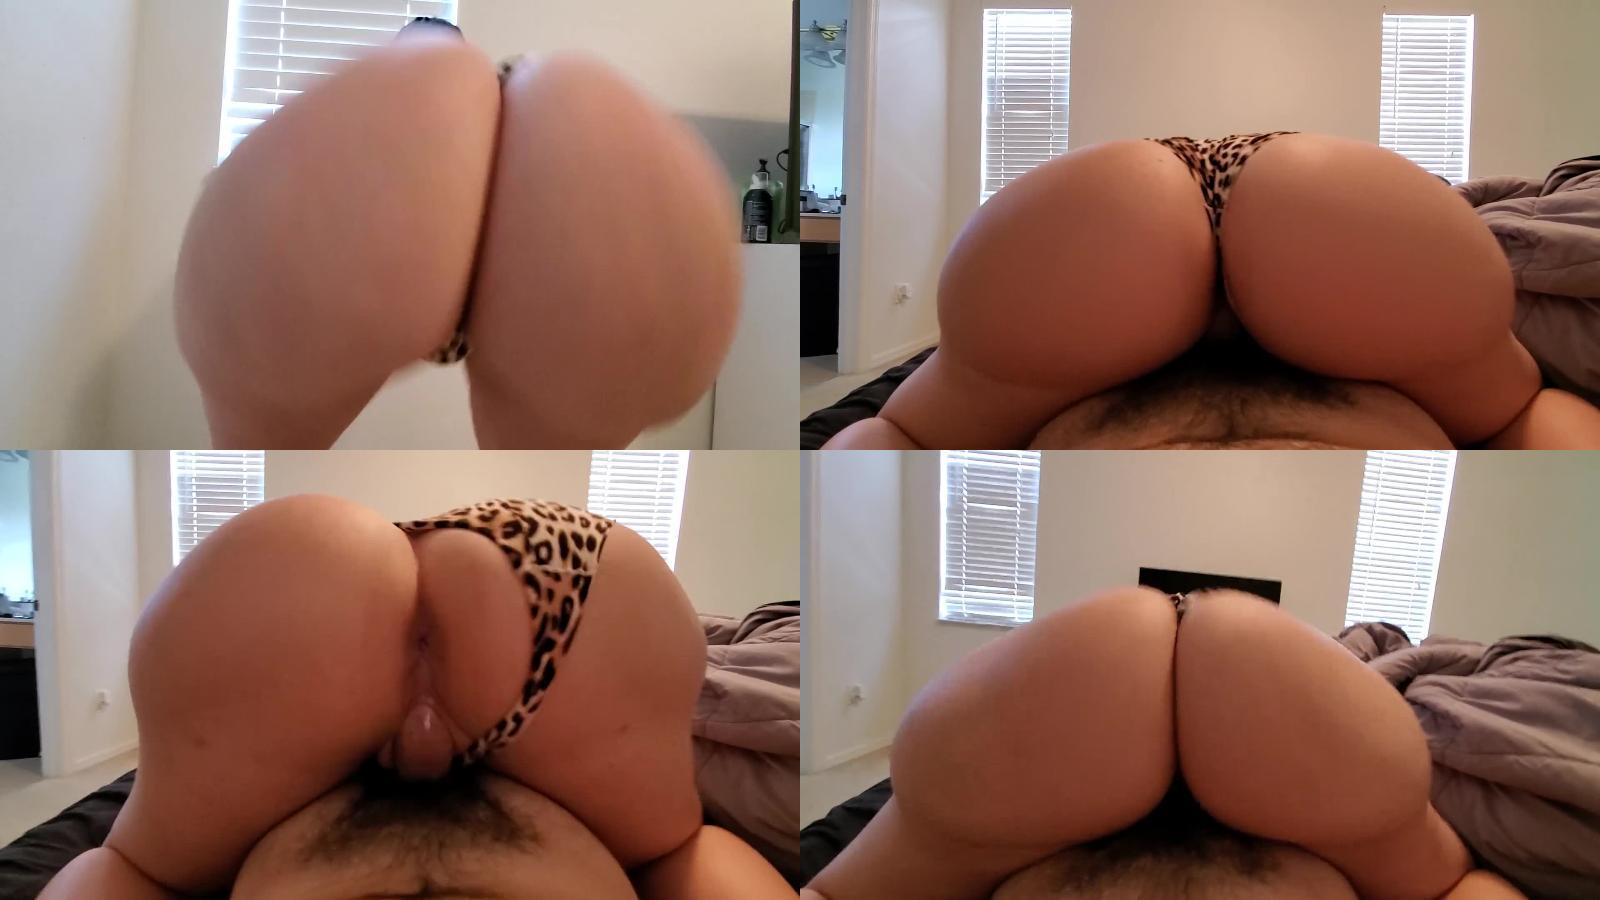 Crystal Lust – Big Booty PAWG Crystal Lust Twerking and Fucking in Panties #1